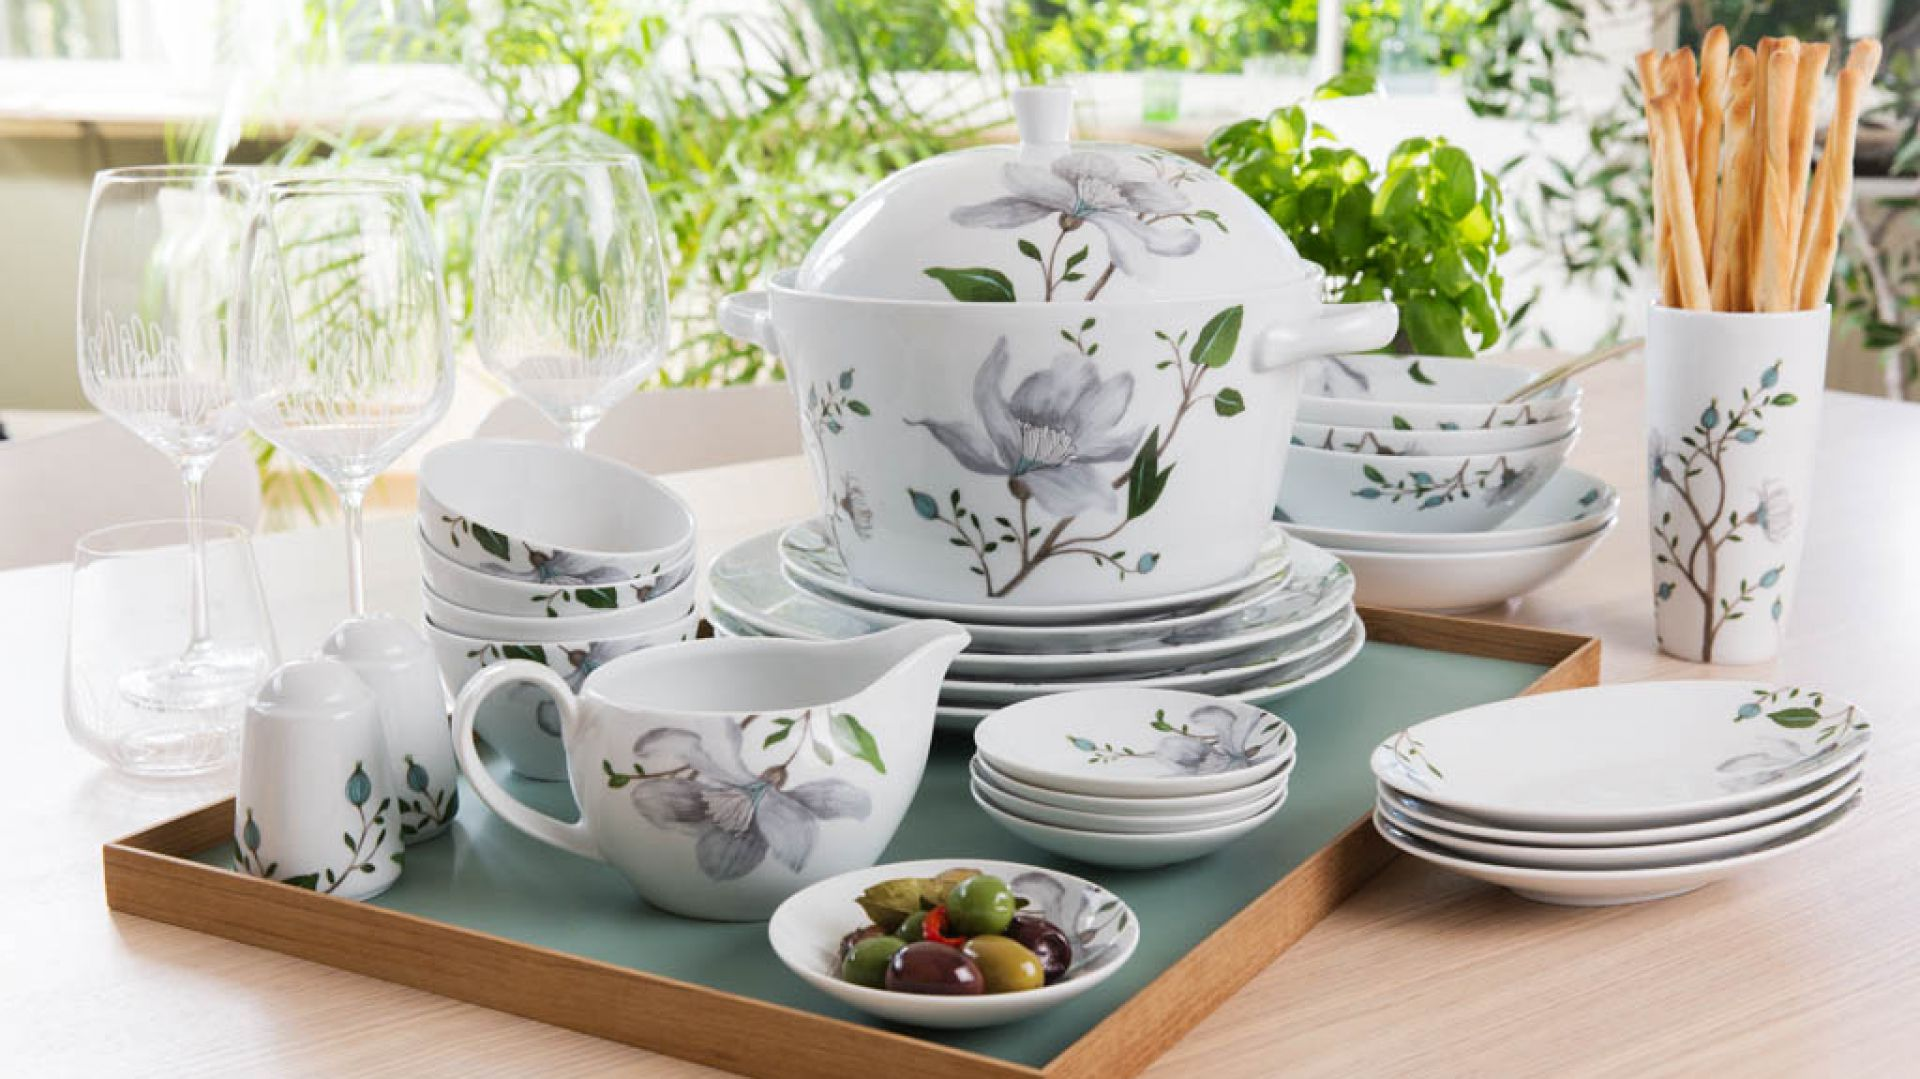 Piękna porcelana z motywem kwiatowym. Fot. FyrklӧvernPiękna porcelana z motywem kwiatowym. Fot. Fyrklӧvern